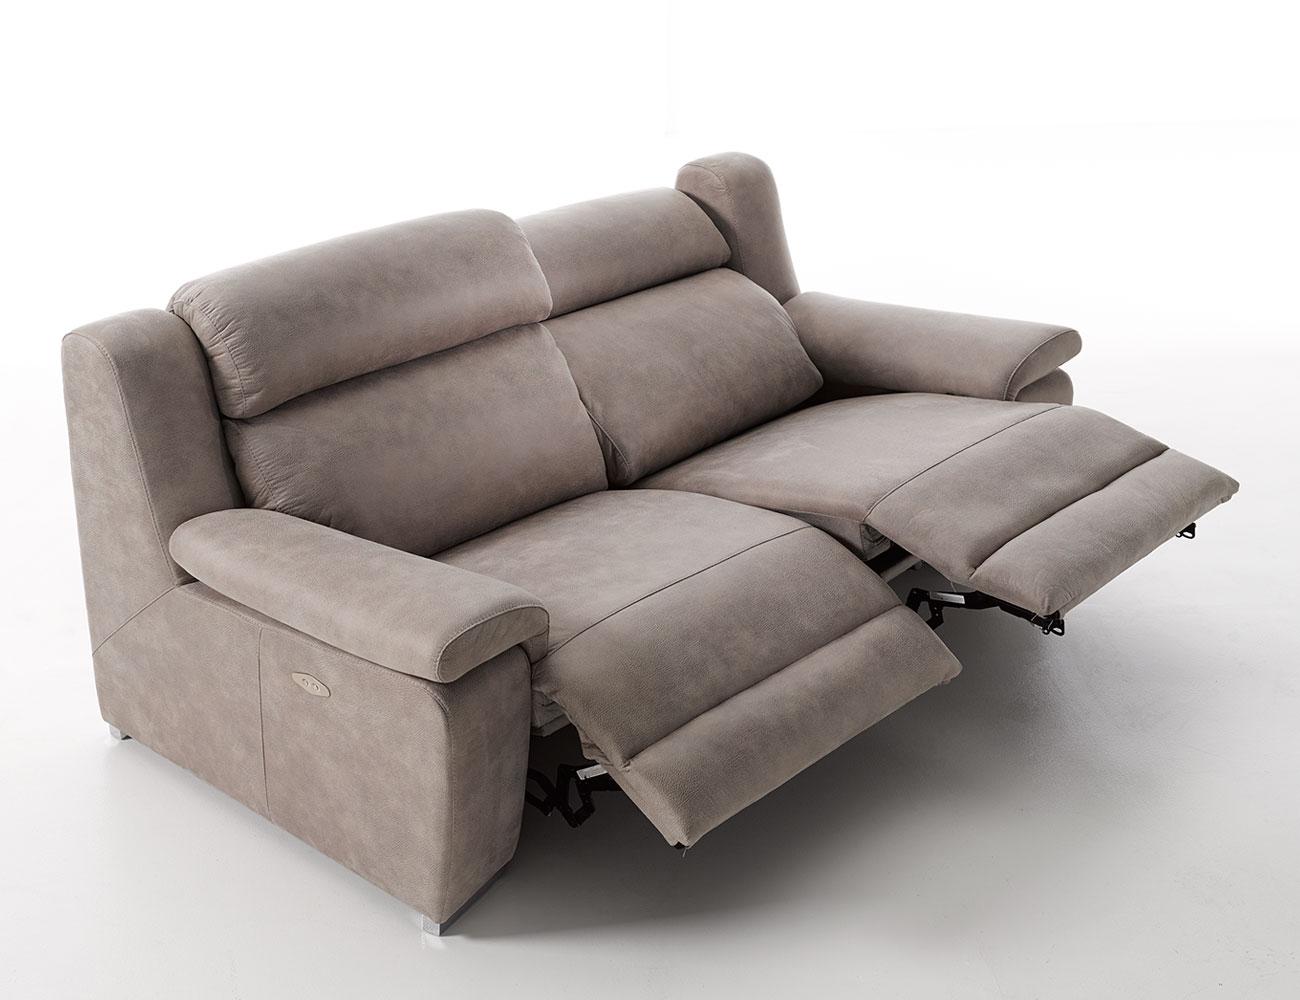 Sofa 3 plazas relax electrico motorizado detalle1